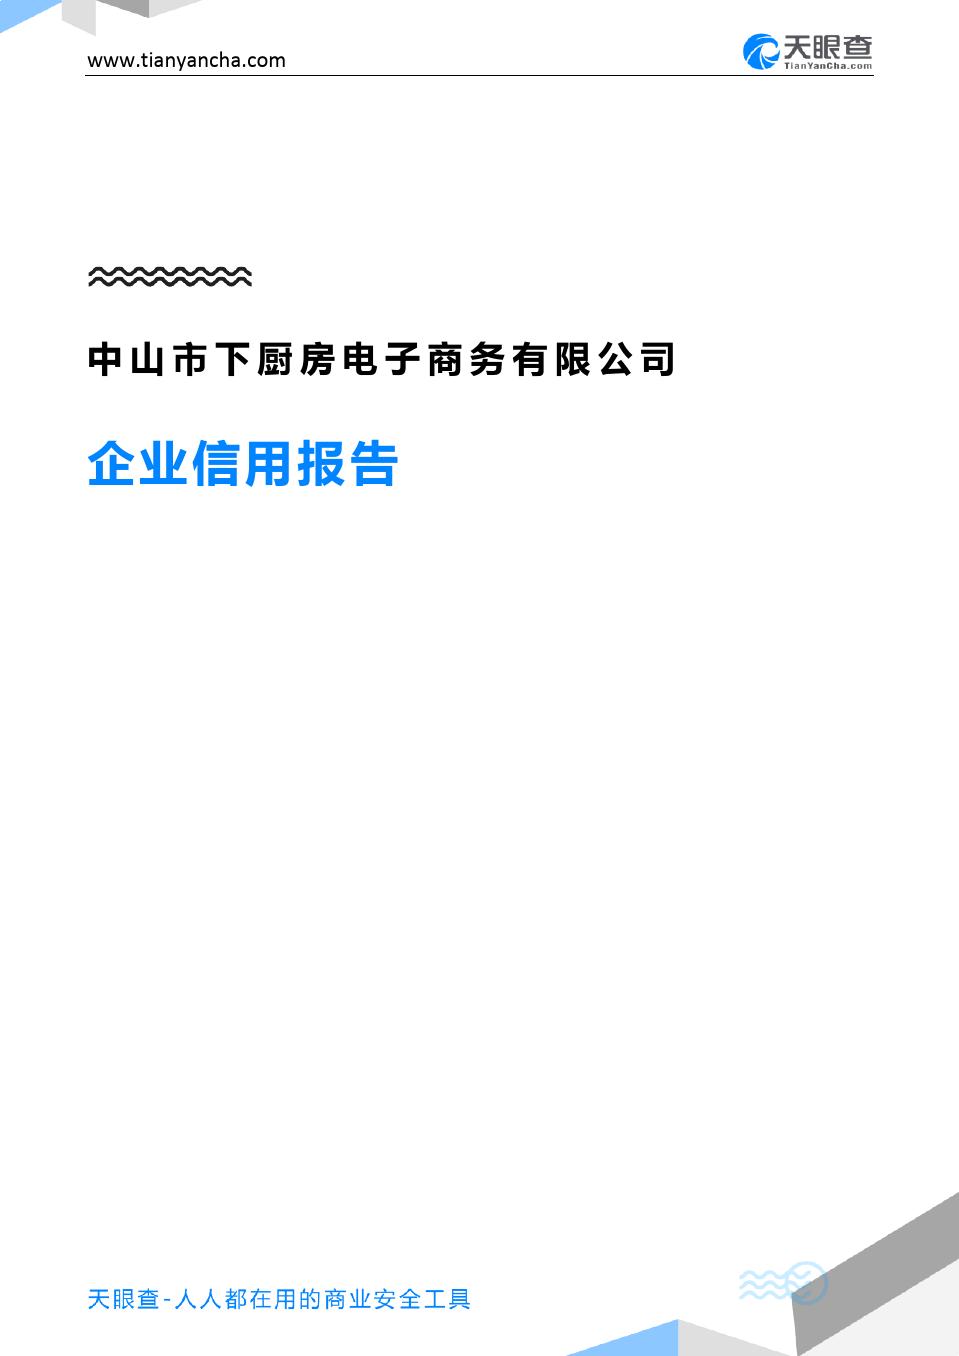 中山市下厨房电子商务有限公司(企业信用报告)- 天眼查